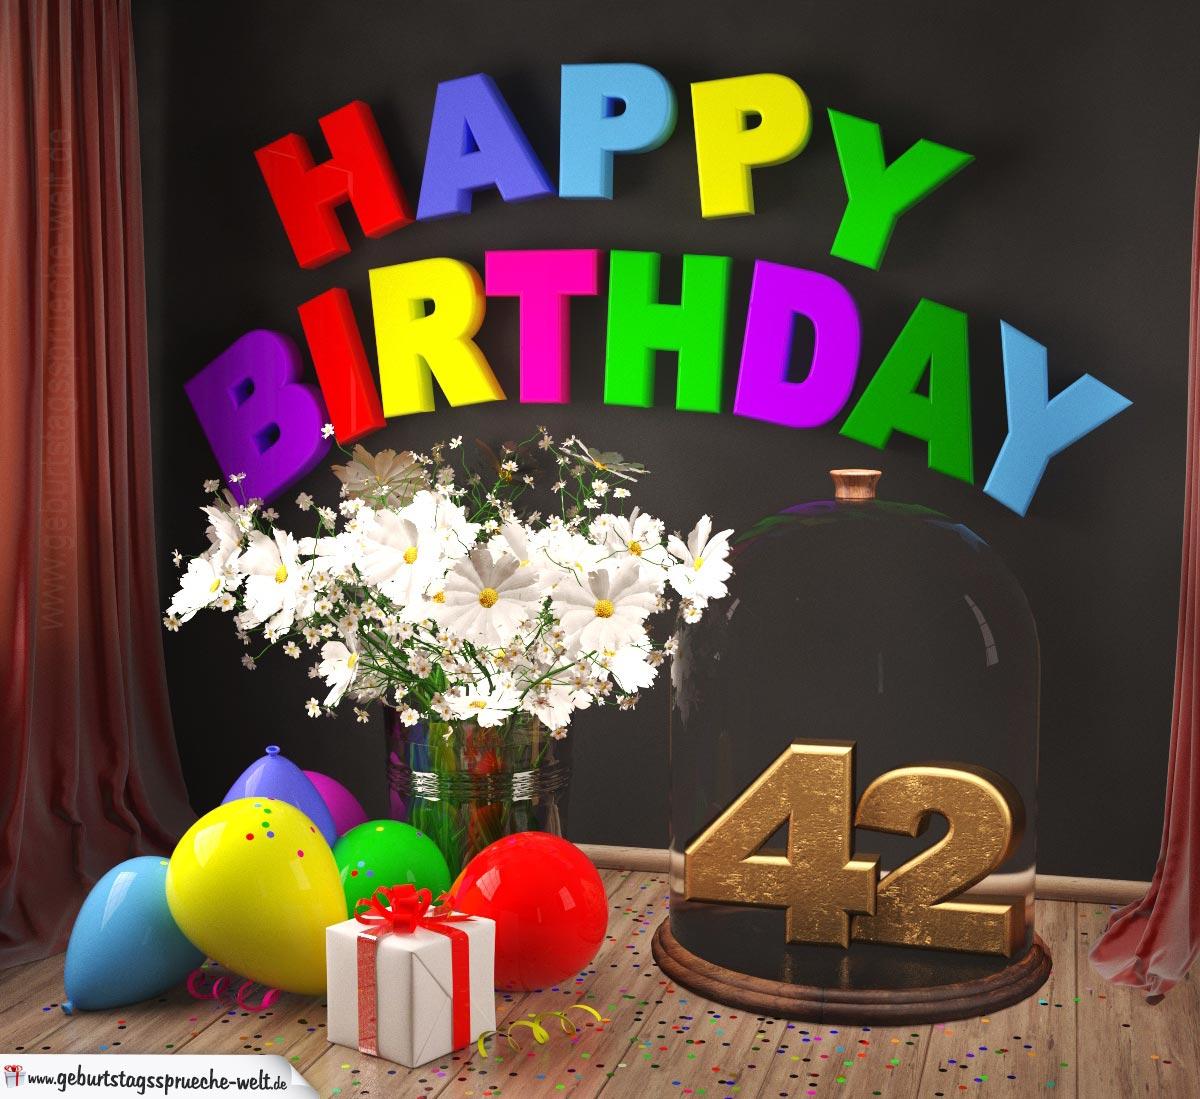 Happy Birthday 42 Jahre Glückwunschkarte mit Margeriten-Blumenstrauß, Luftballons und Geschenk unter Glasglocke